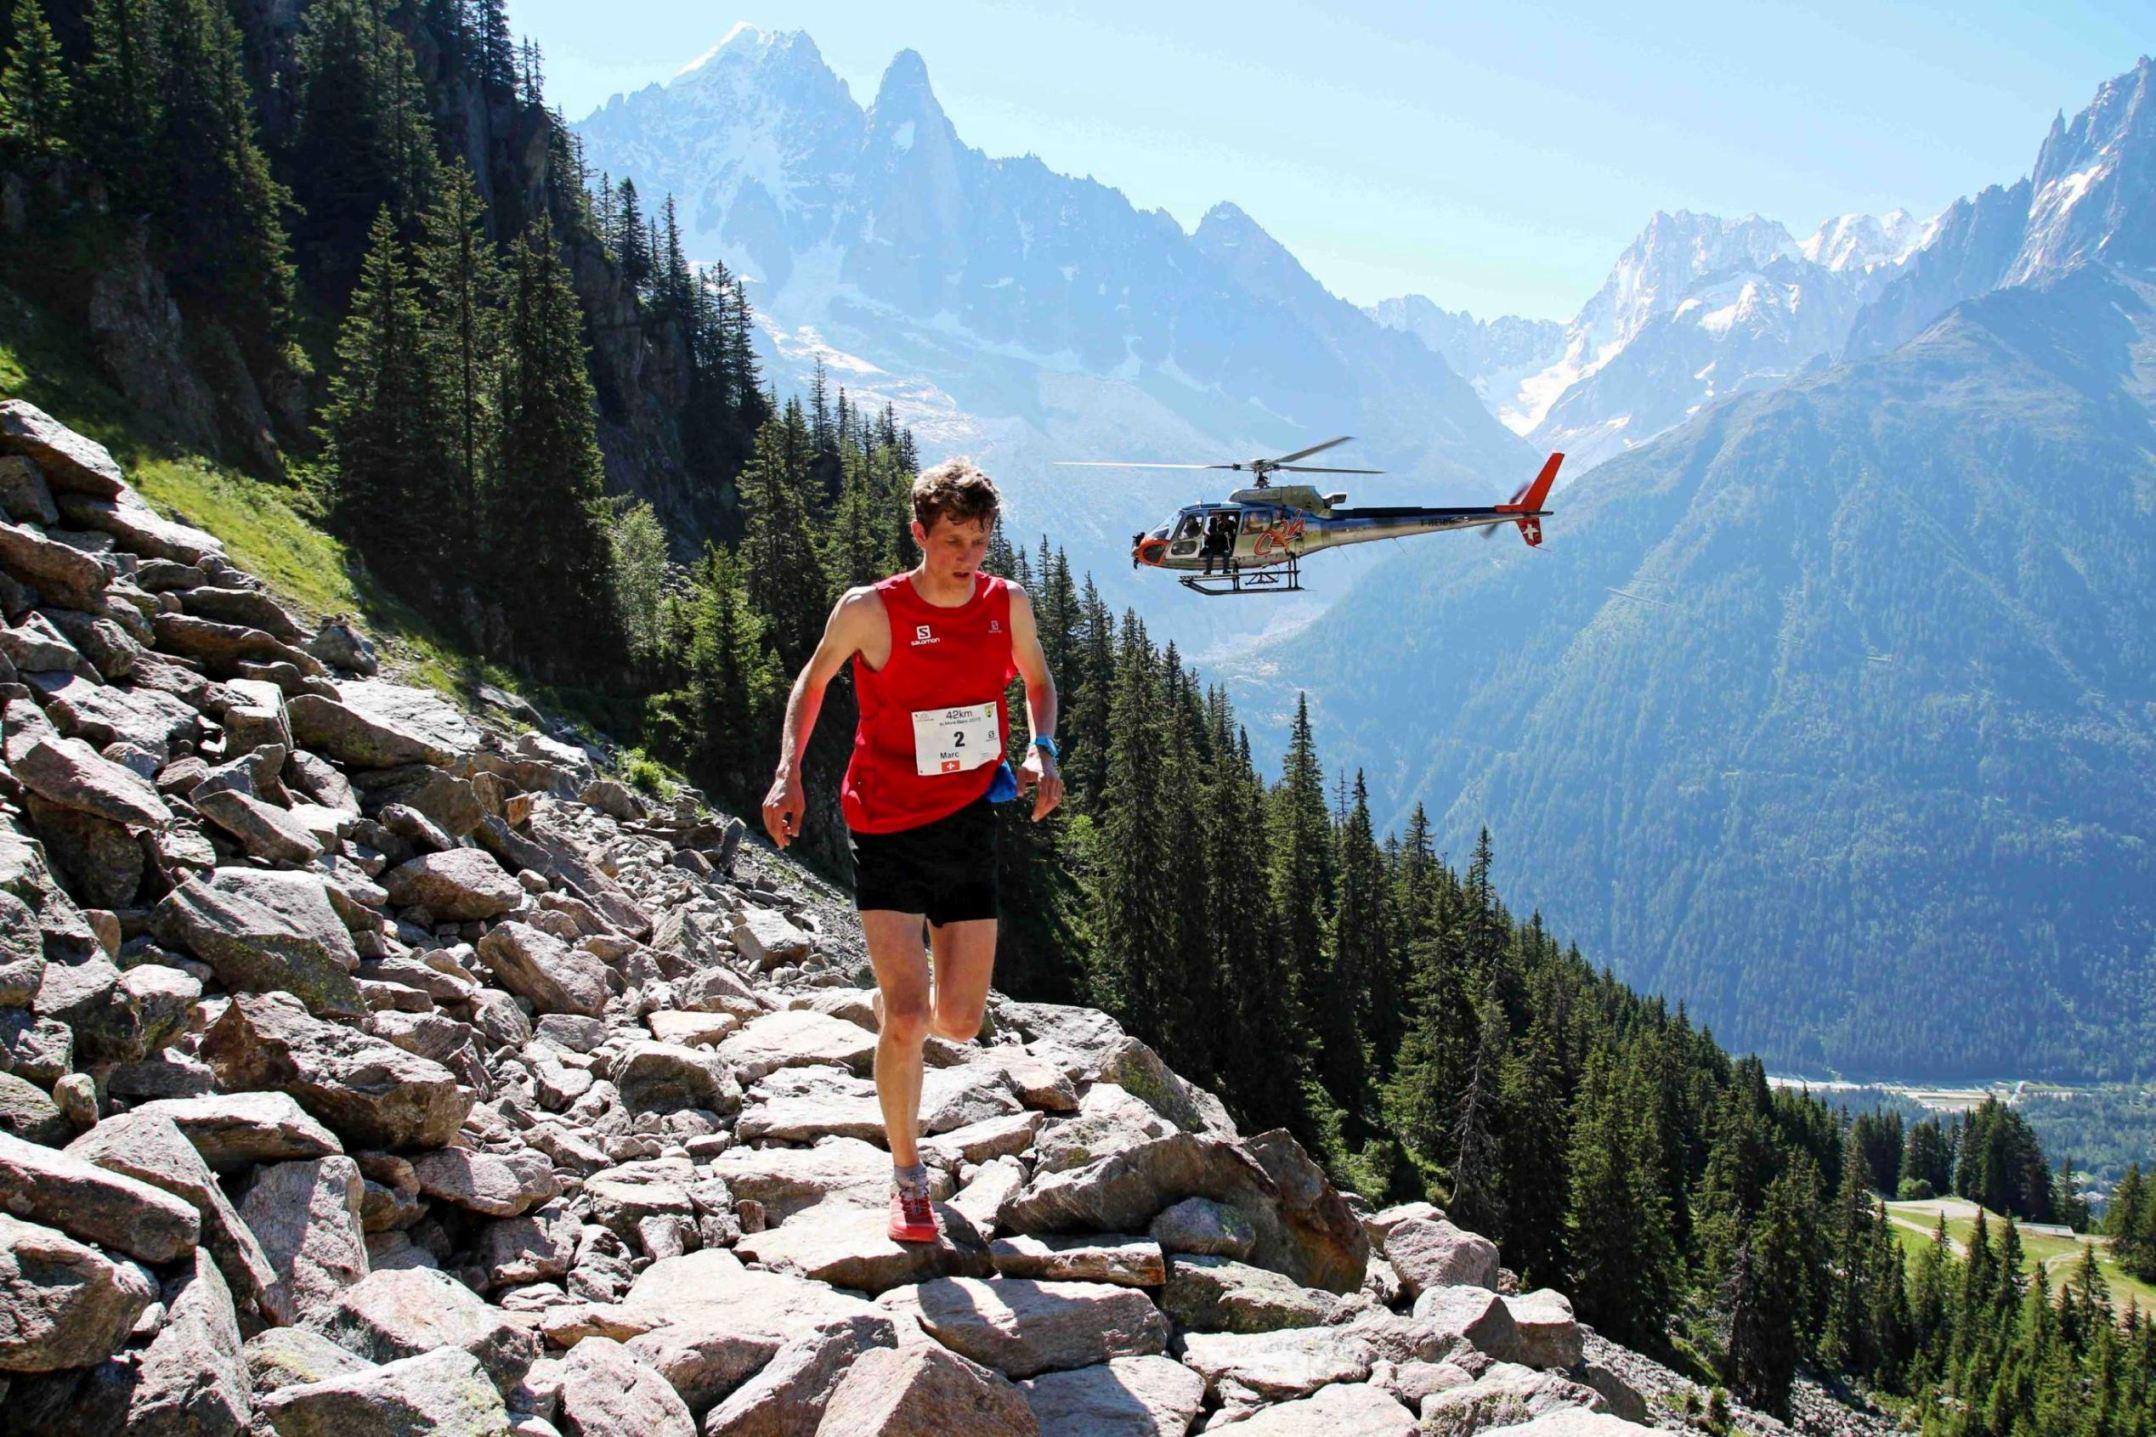 1 Marc Lauenstein vainqueur 42 km photo Goran Mojicevic Passion Trail - Retour sur le Marathon du Mont-Blanc 2015 et classement provisoire du SKYRUNNER FRANCE SERIES avant la prochaine étape : l'Altispeed